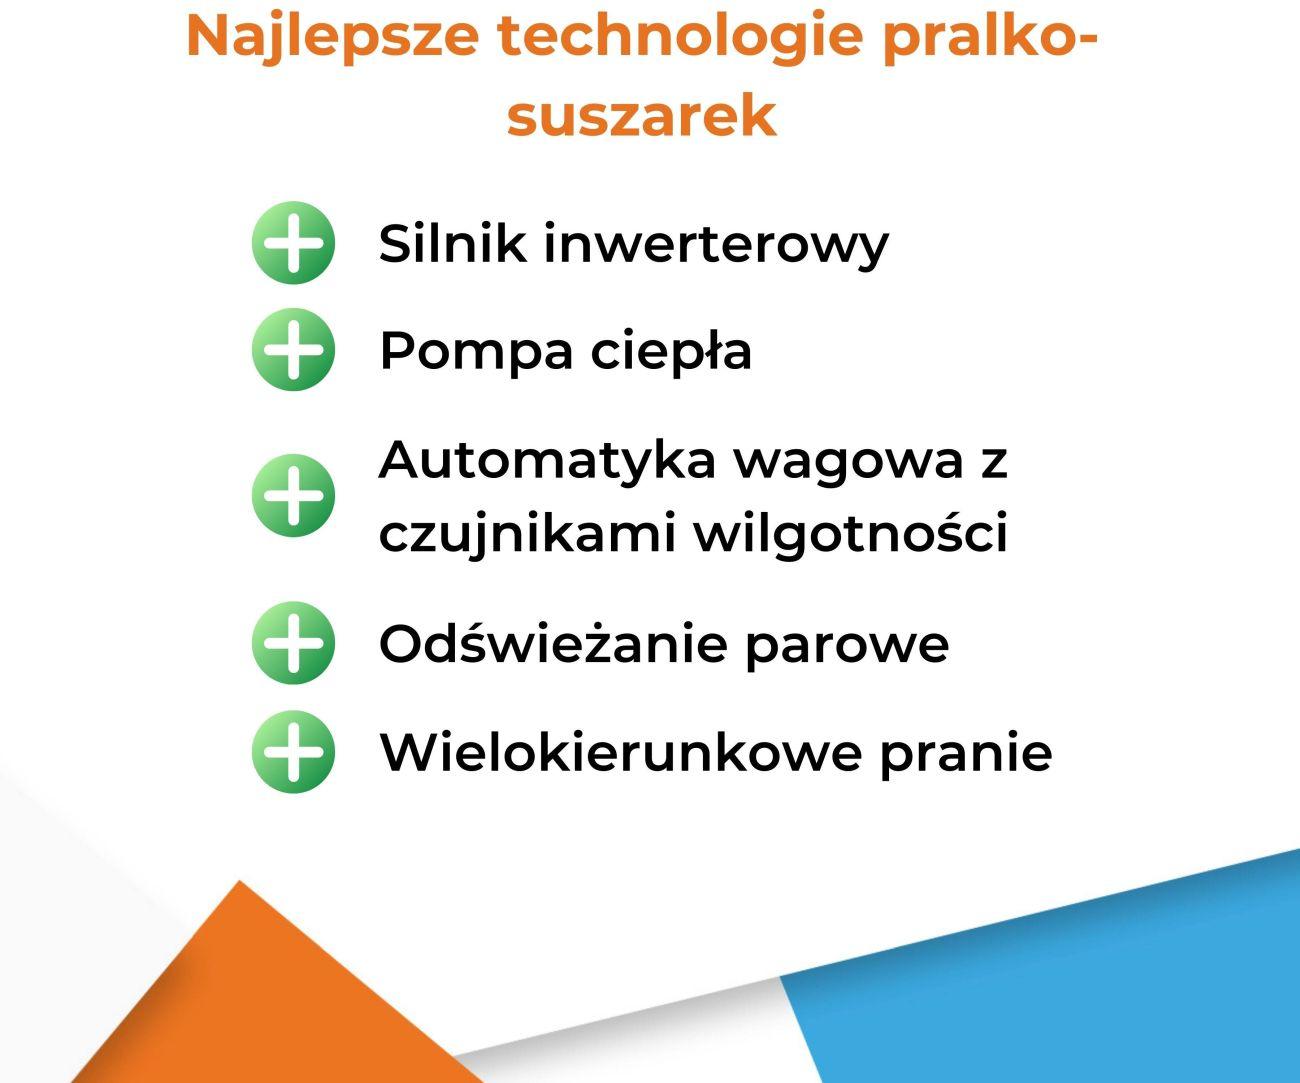 Najlepsze technologie pralko-suszarek - Infografika